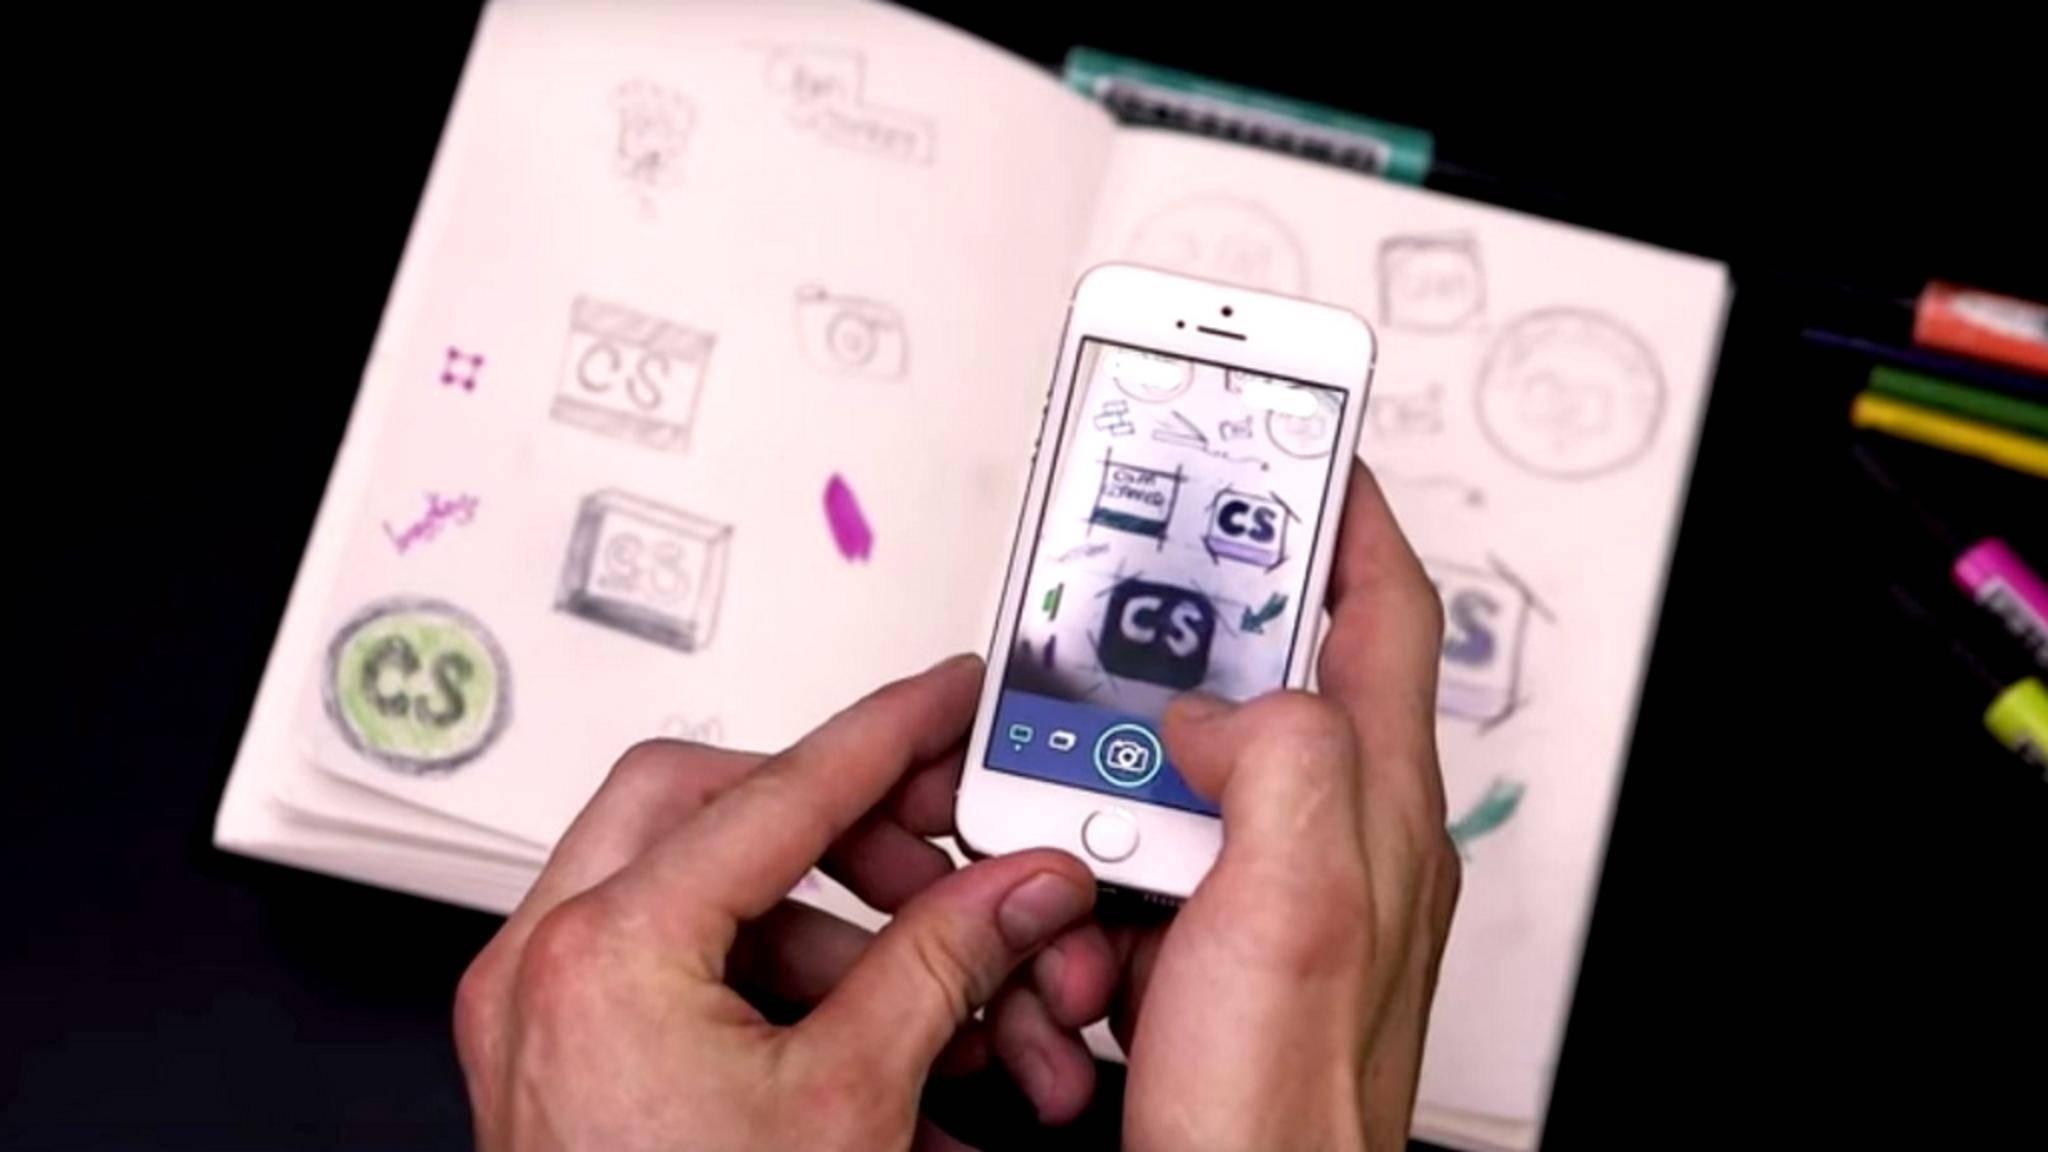 Kostenlose Scanner App : 5 kostenlose scanner apps f r android iphone windows phone ~ Fotosdekora.club Haus und Dekorationen